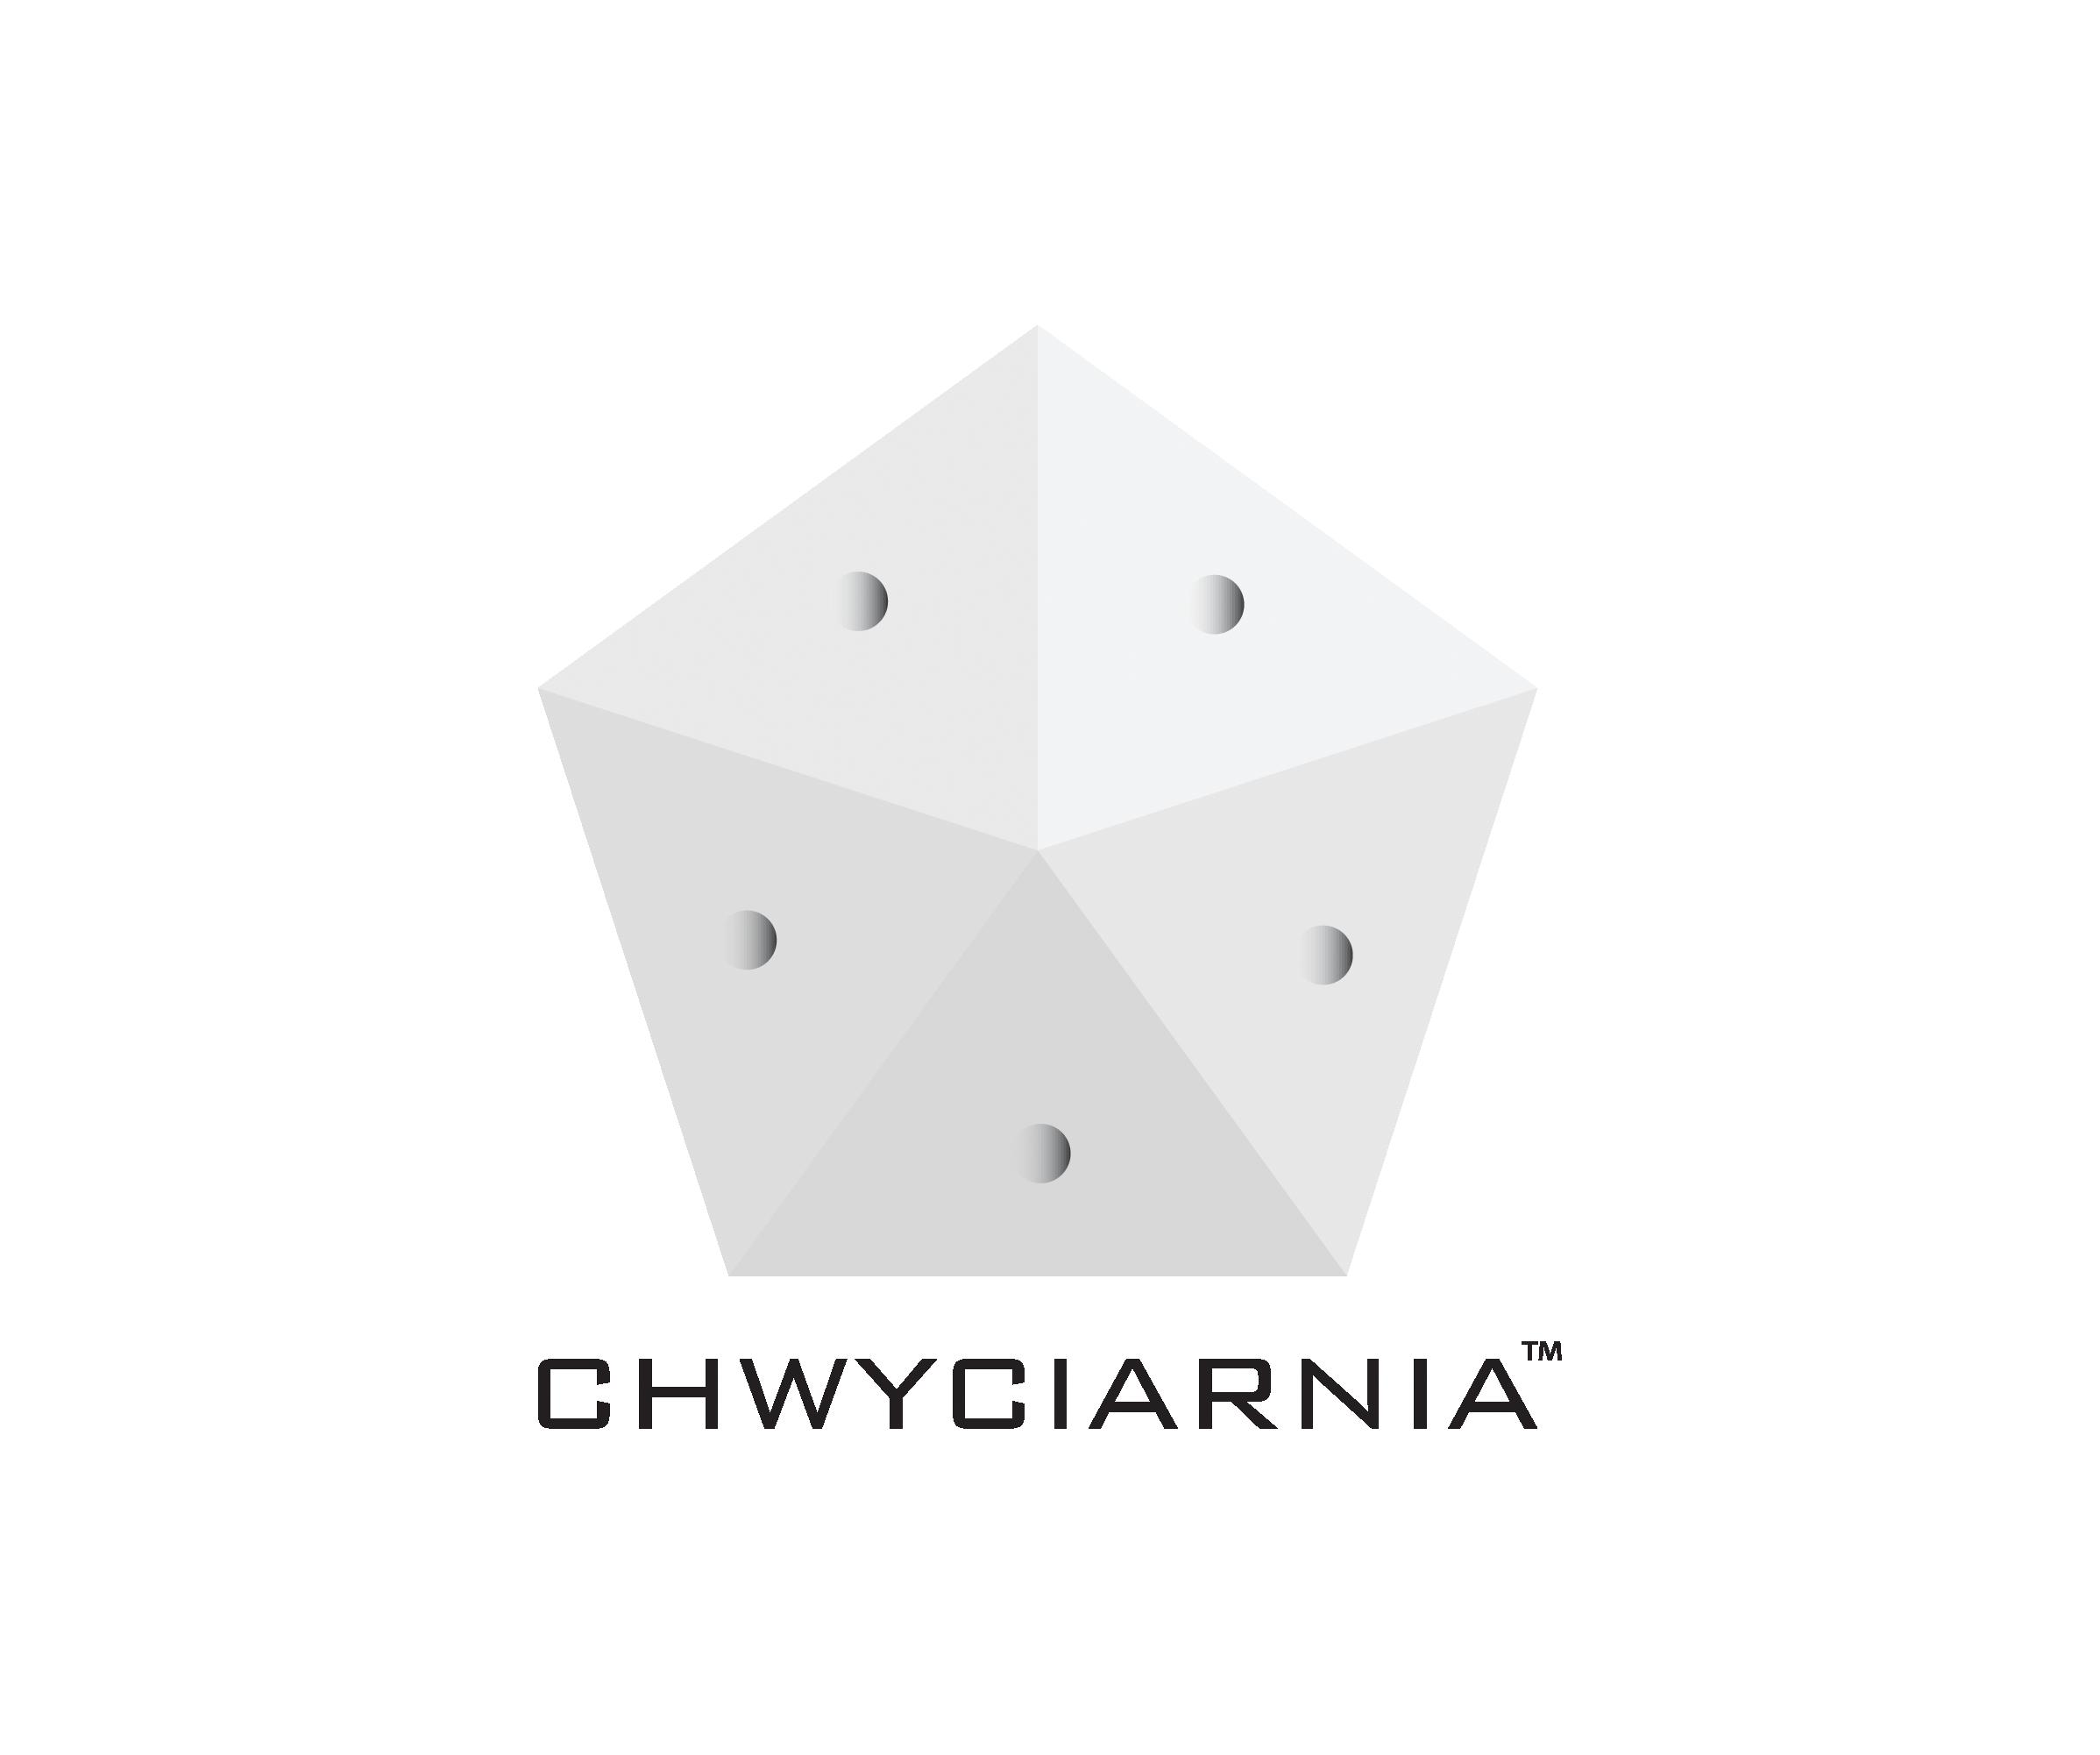 CHWYCIARNIA Arena Gliwice